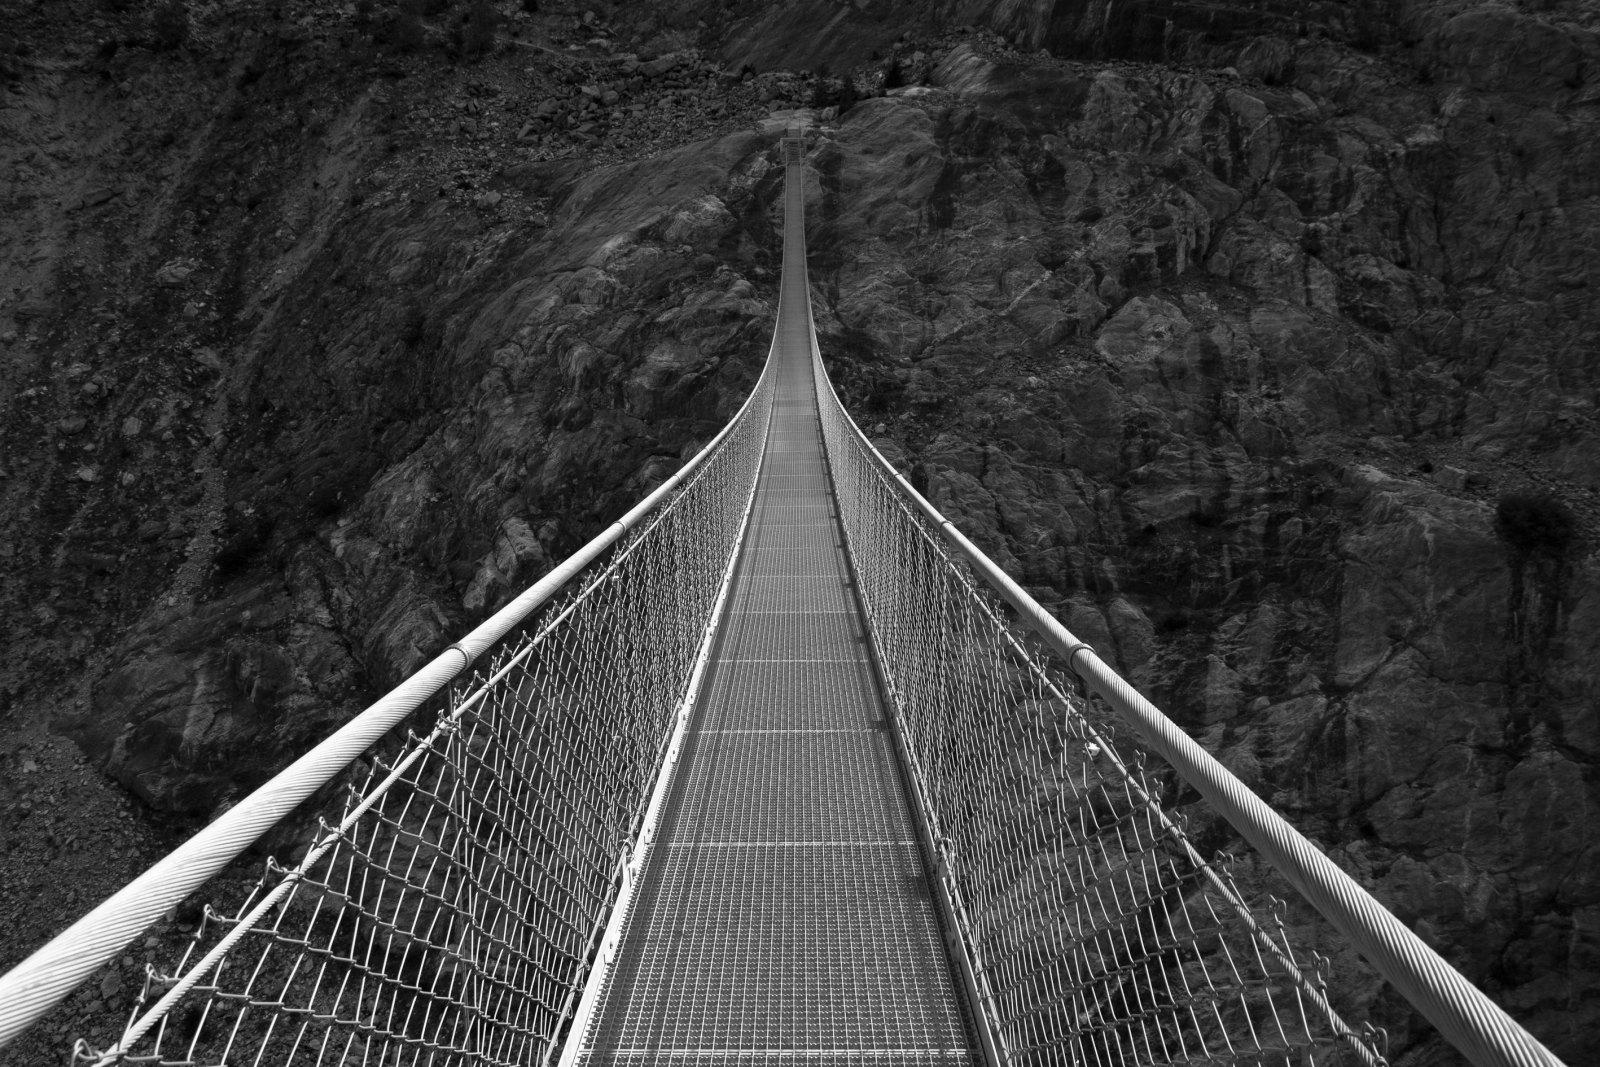 1. Platz: Johannes Gottwalt - Hängebrücke